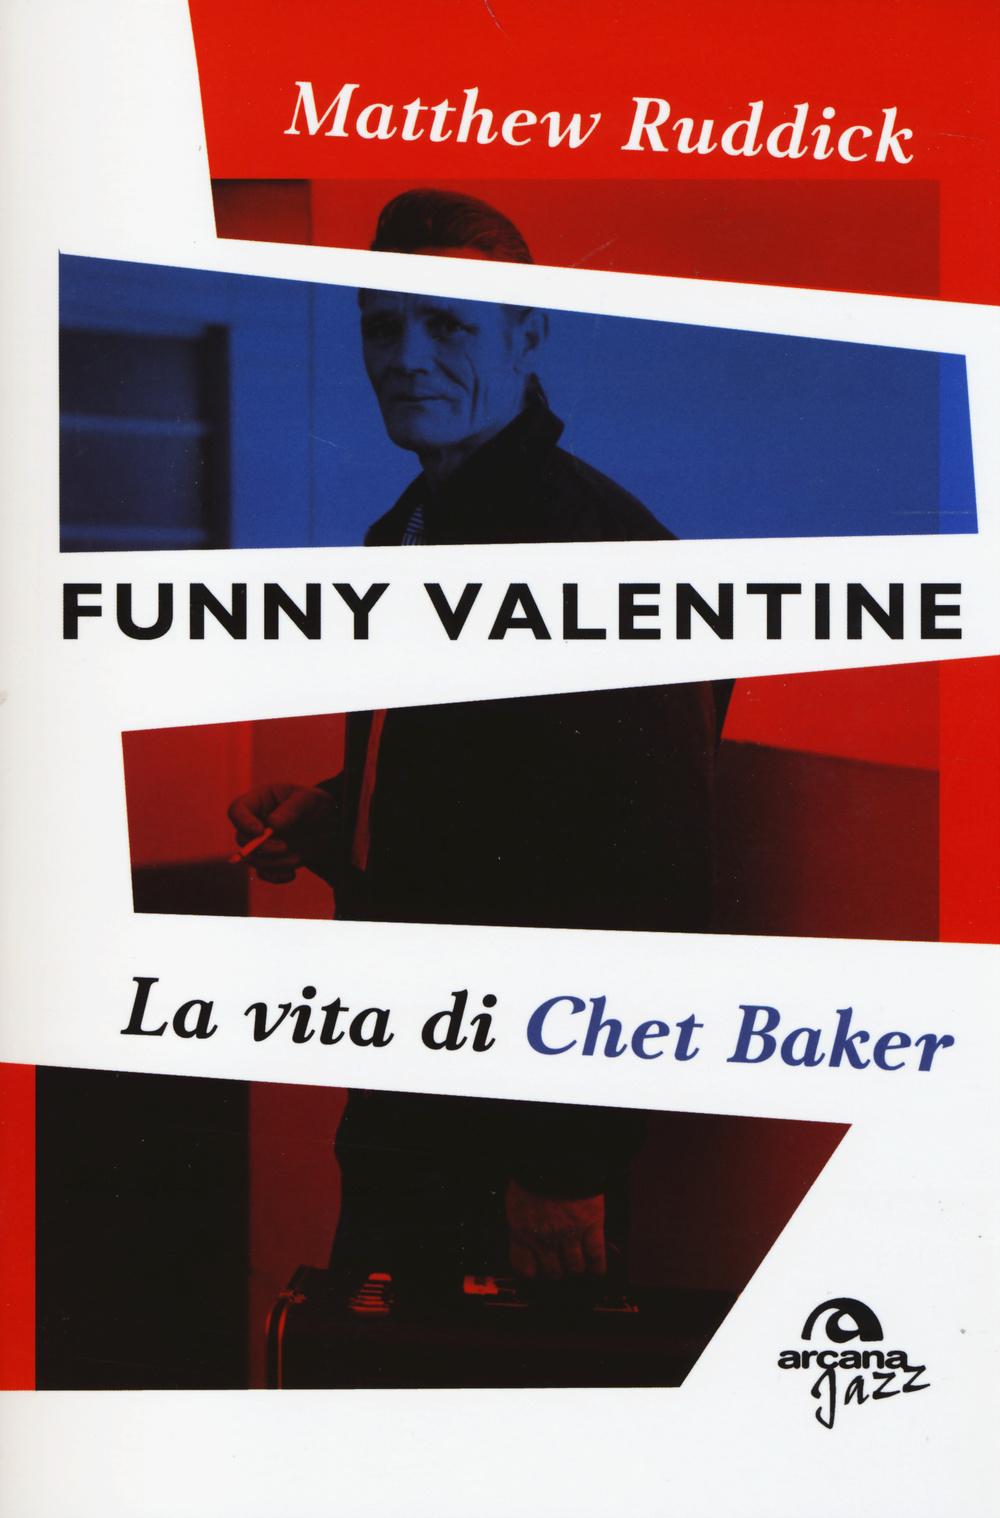 Funny Valentine. La vita di Chet Baker